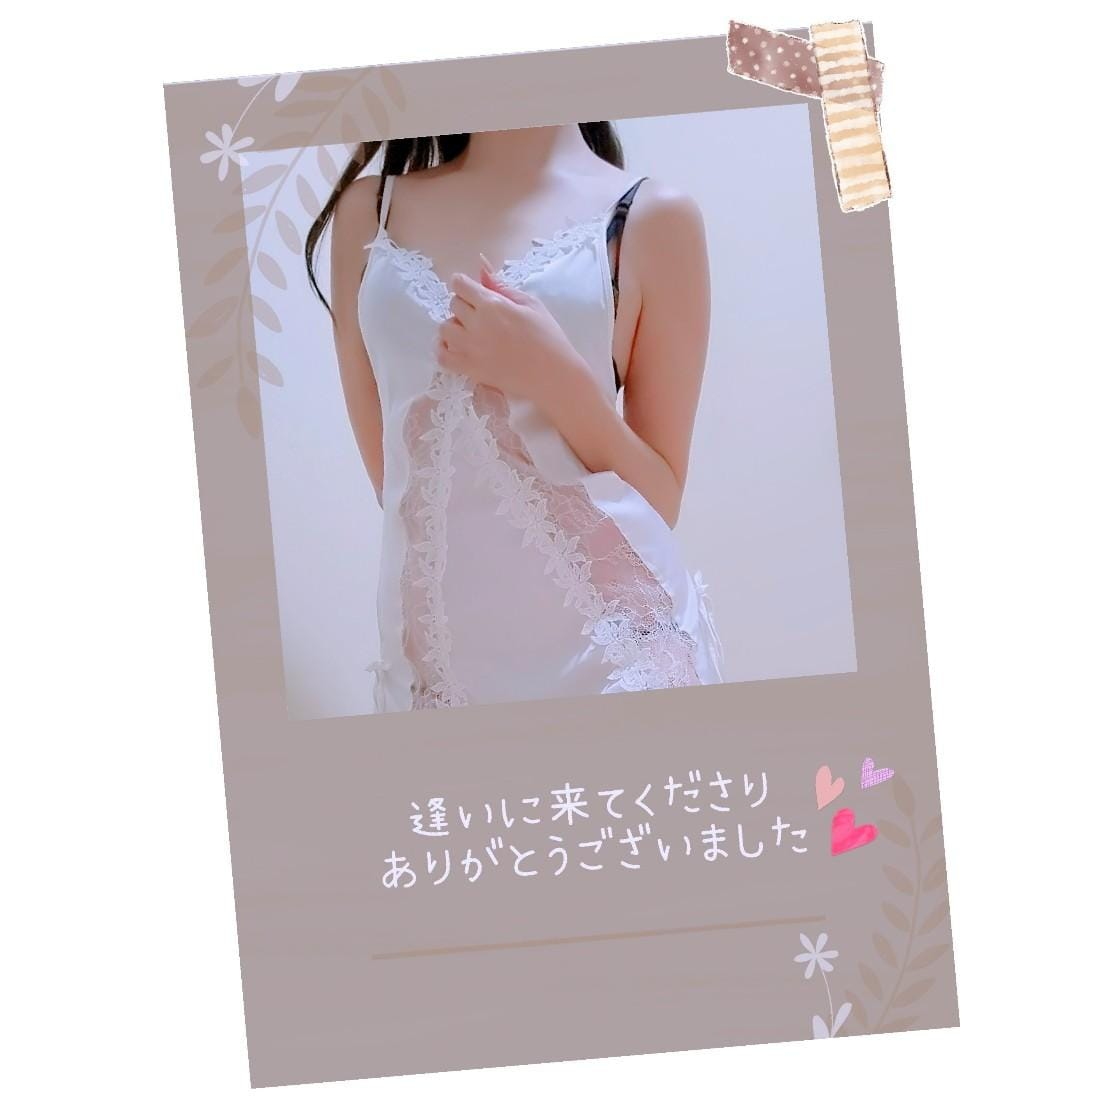 「☆☆ありがとうございました☆☆」07/28(水) 23:18   るなの写メ日記